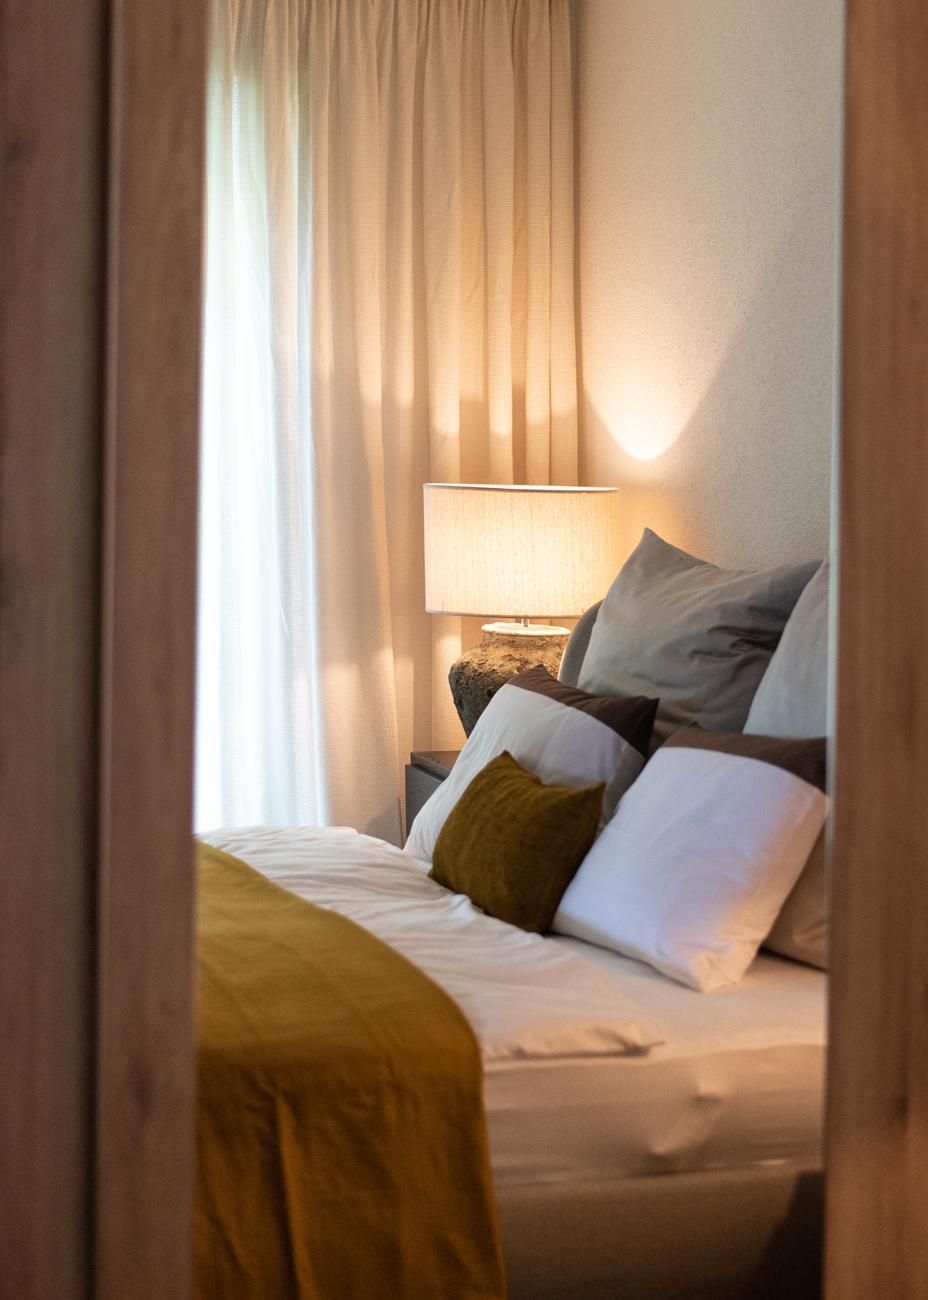 Schlafzimmer senfgelbe Akzente Tischleuchte gelbes Schlafzimmer Bett mit Kissendekoration Inneneinrichtung Ideen Einrichtungsideen Kundenprojekt Einrichtungskonzept Interior Design Räume planen